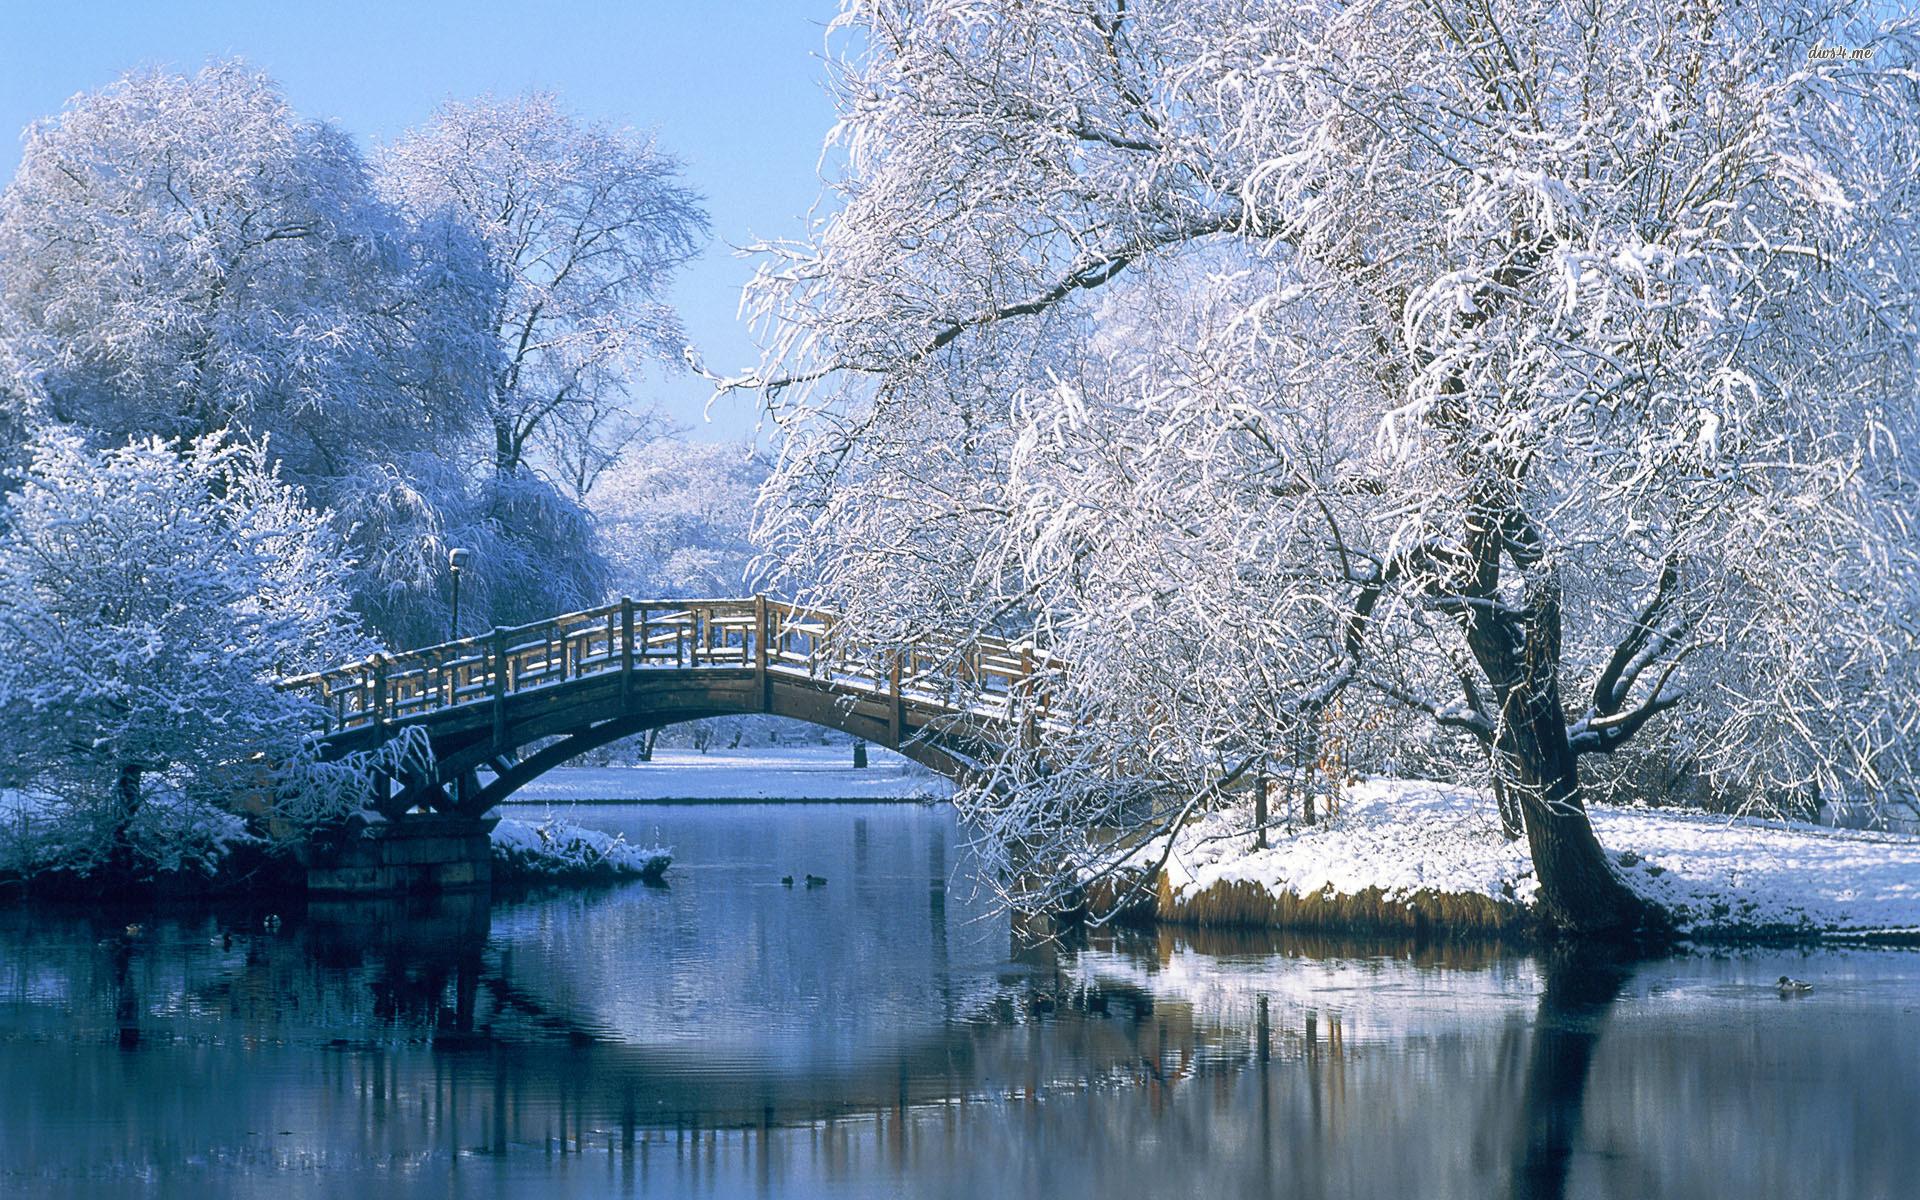 desktop wallpaper winter landscapes (46+ images)